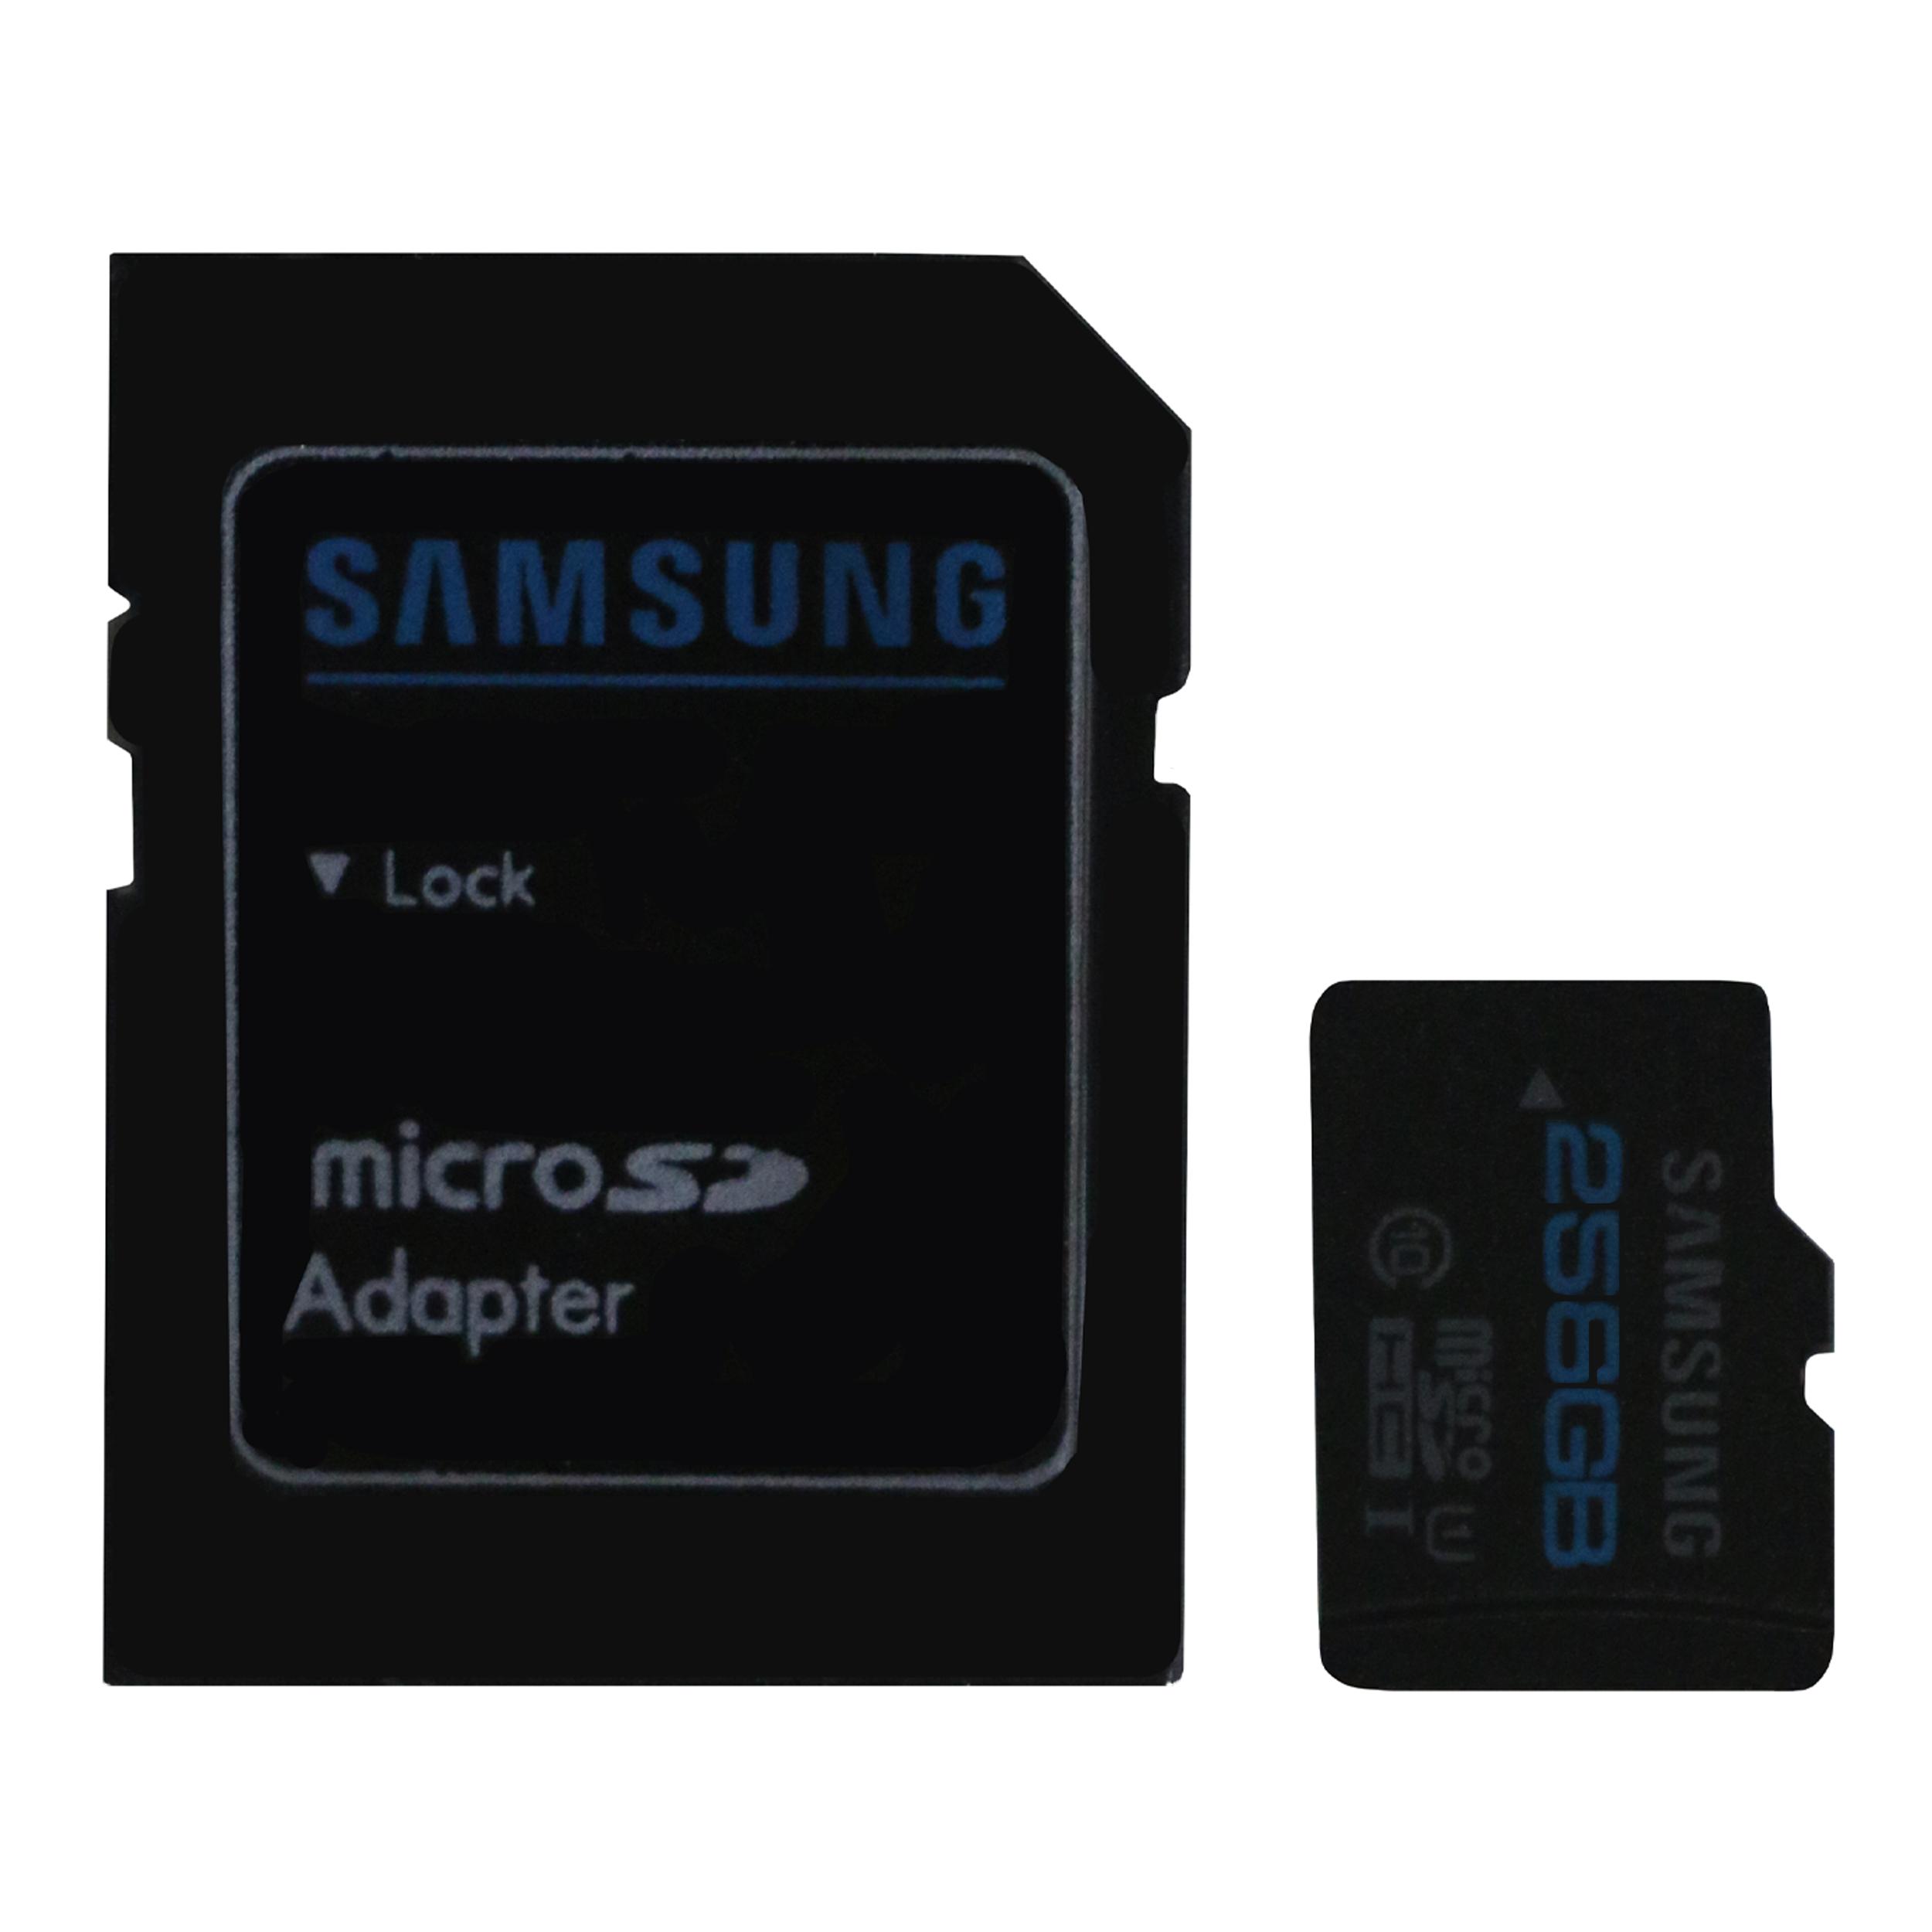 کارت حافظه microSDHC مدل Sam-Pro1 کلاس 10 استاندارد UHS-I U1 سرعت 85MBps ظرفیت 256 گیگابایت به همراه آداپتور SD